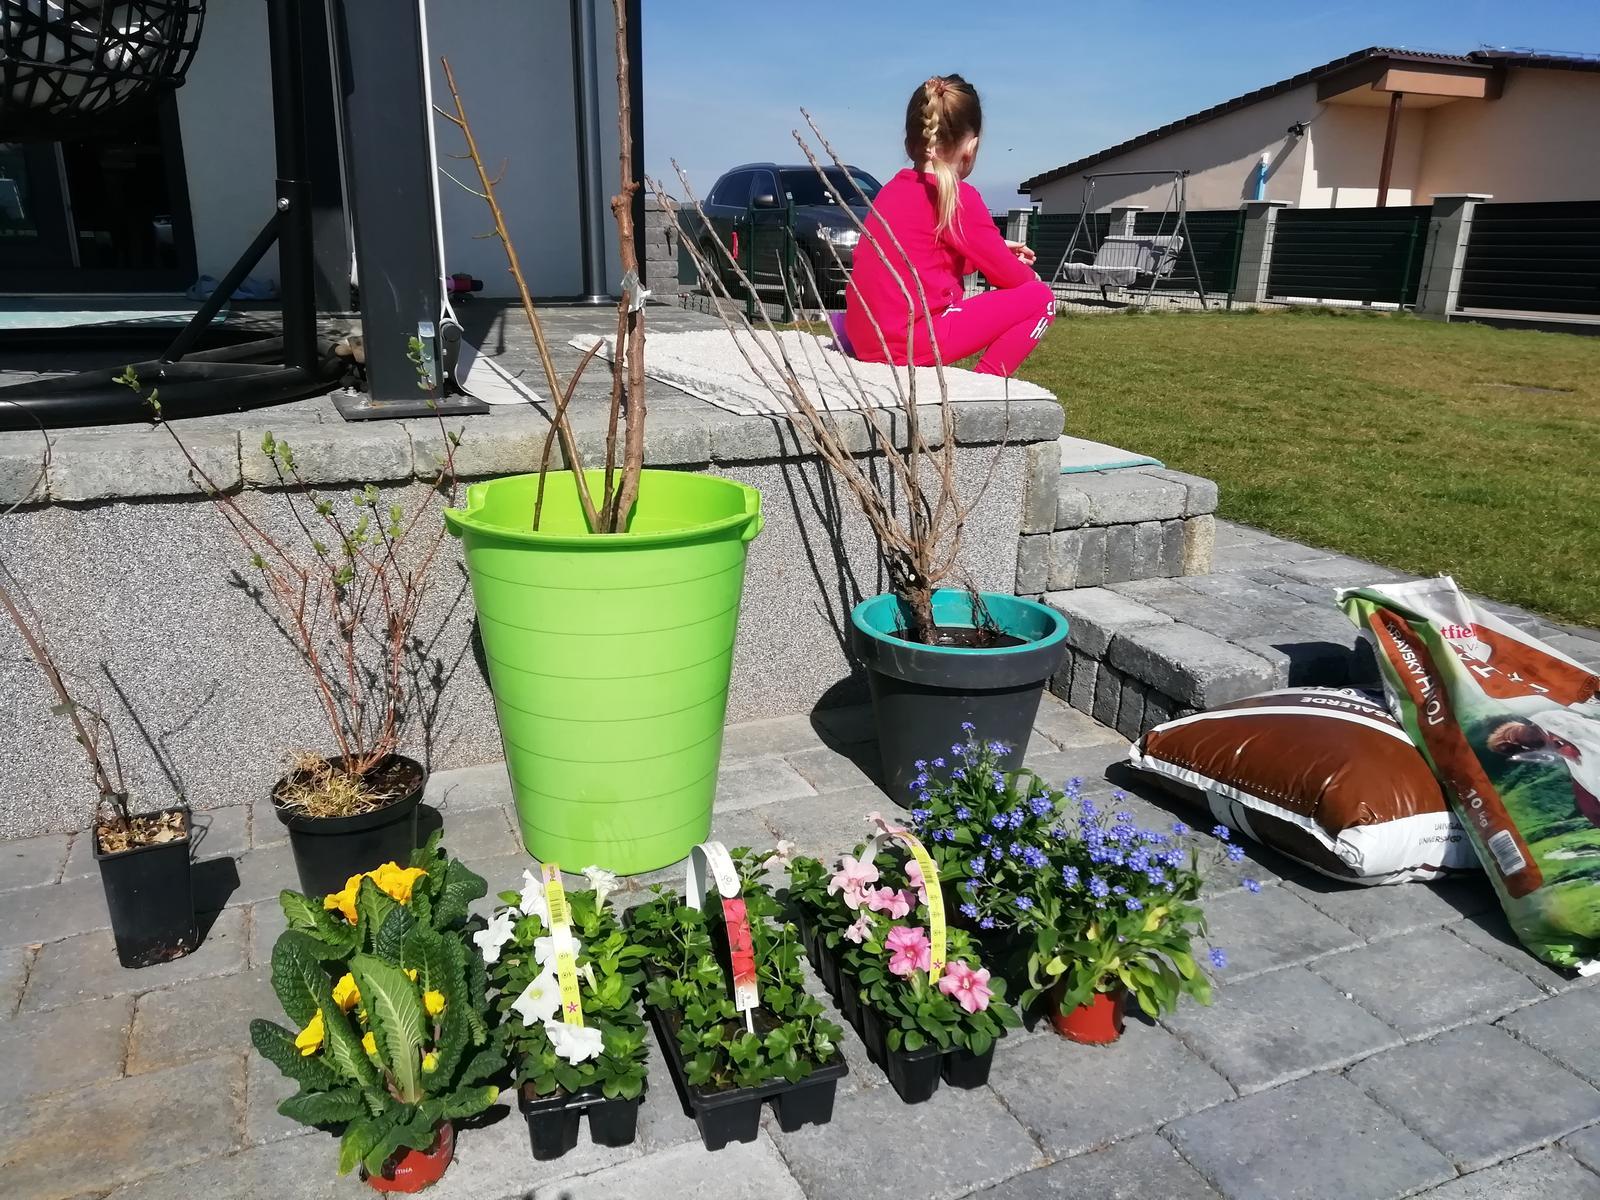 Záhradka 2019/20 bývame 4 a 5 rok :-) - Nakúpené